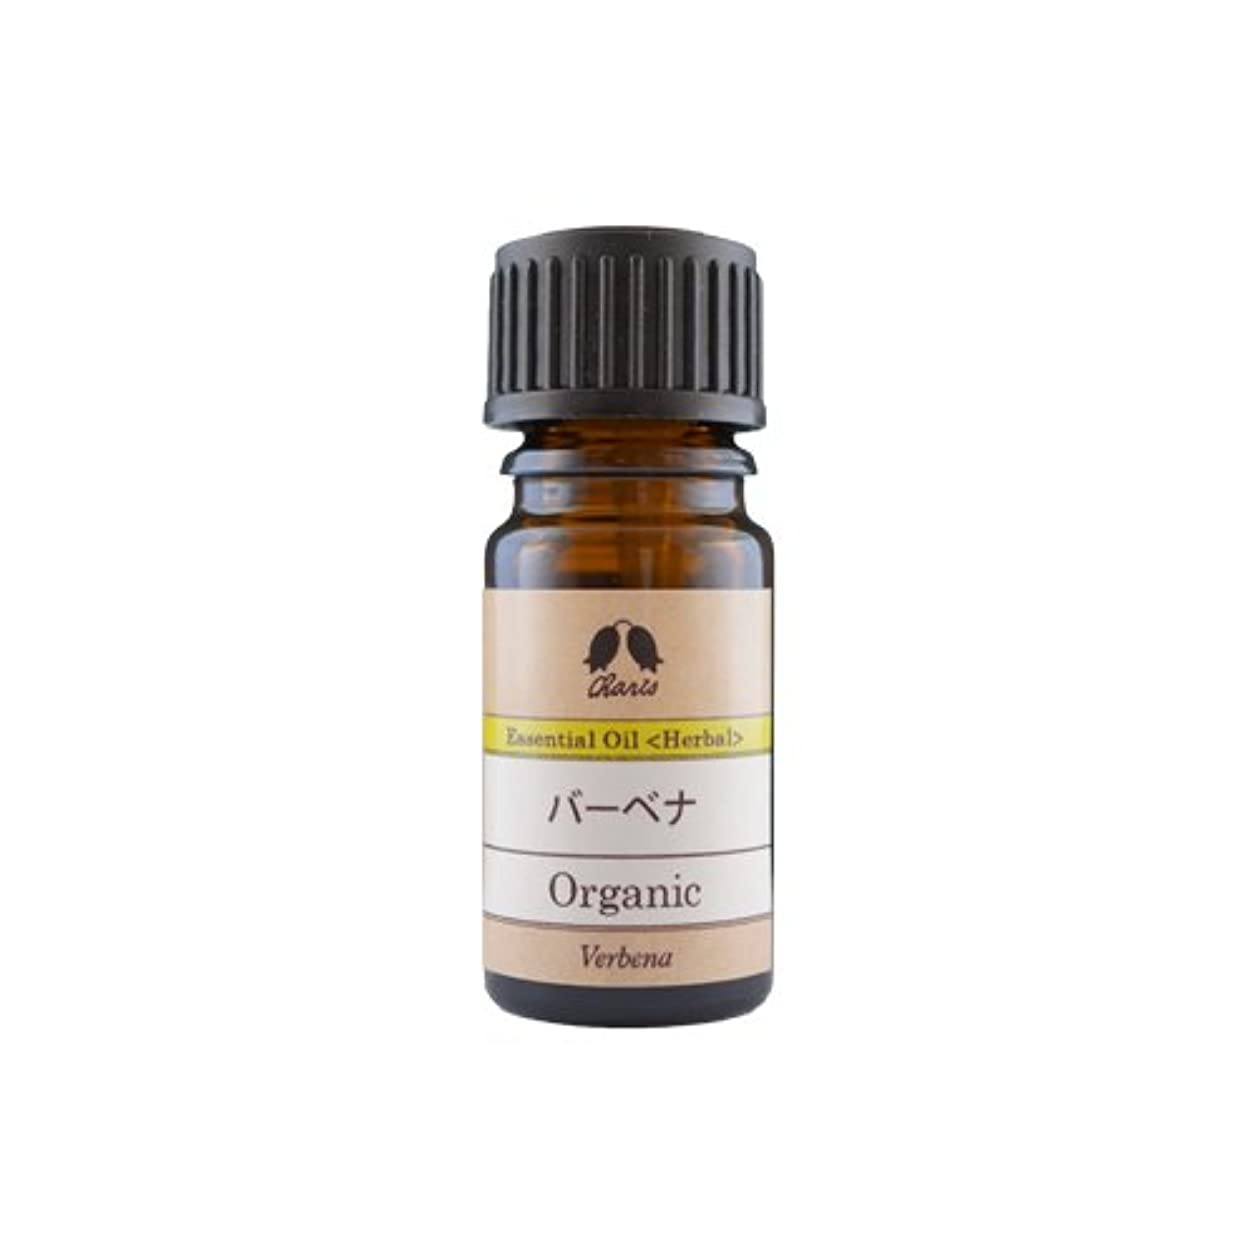 下品消毒剤フォアタイプカリス バーベナ オーガニック オイル 2ml